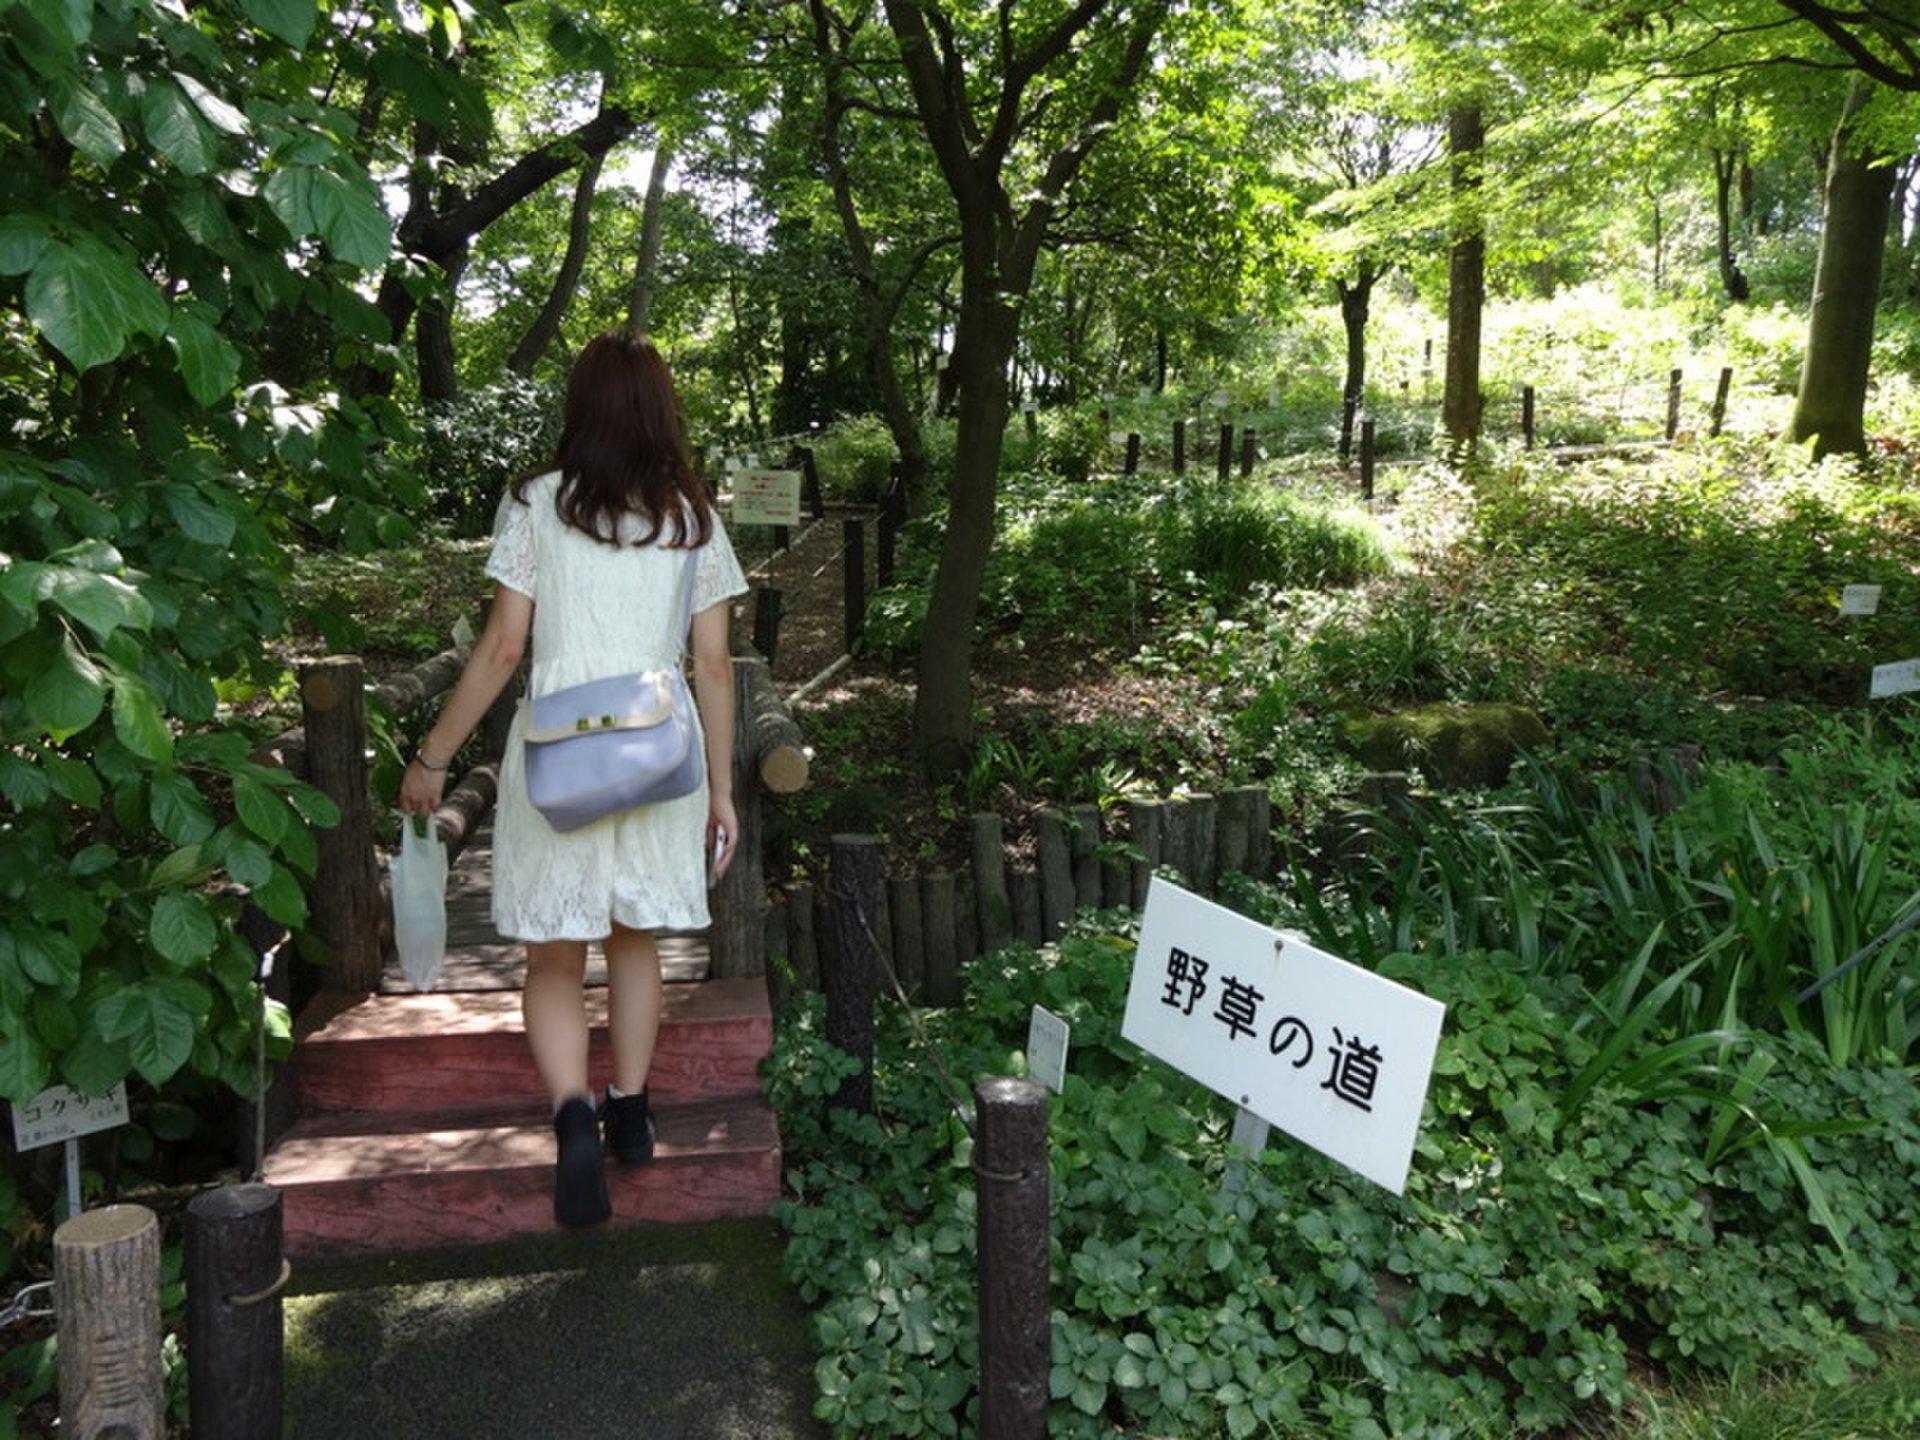 ぶらり東京さんぽ。休日のんびり散歩デートにおすすめのモデルコース10選